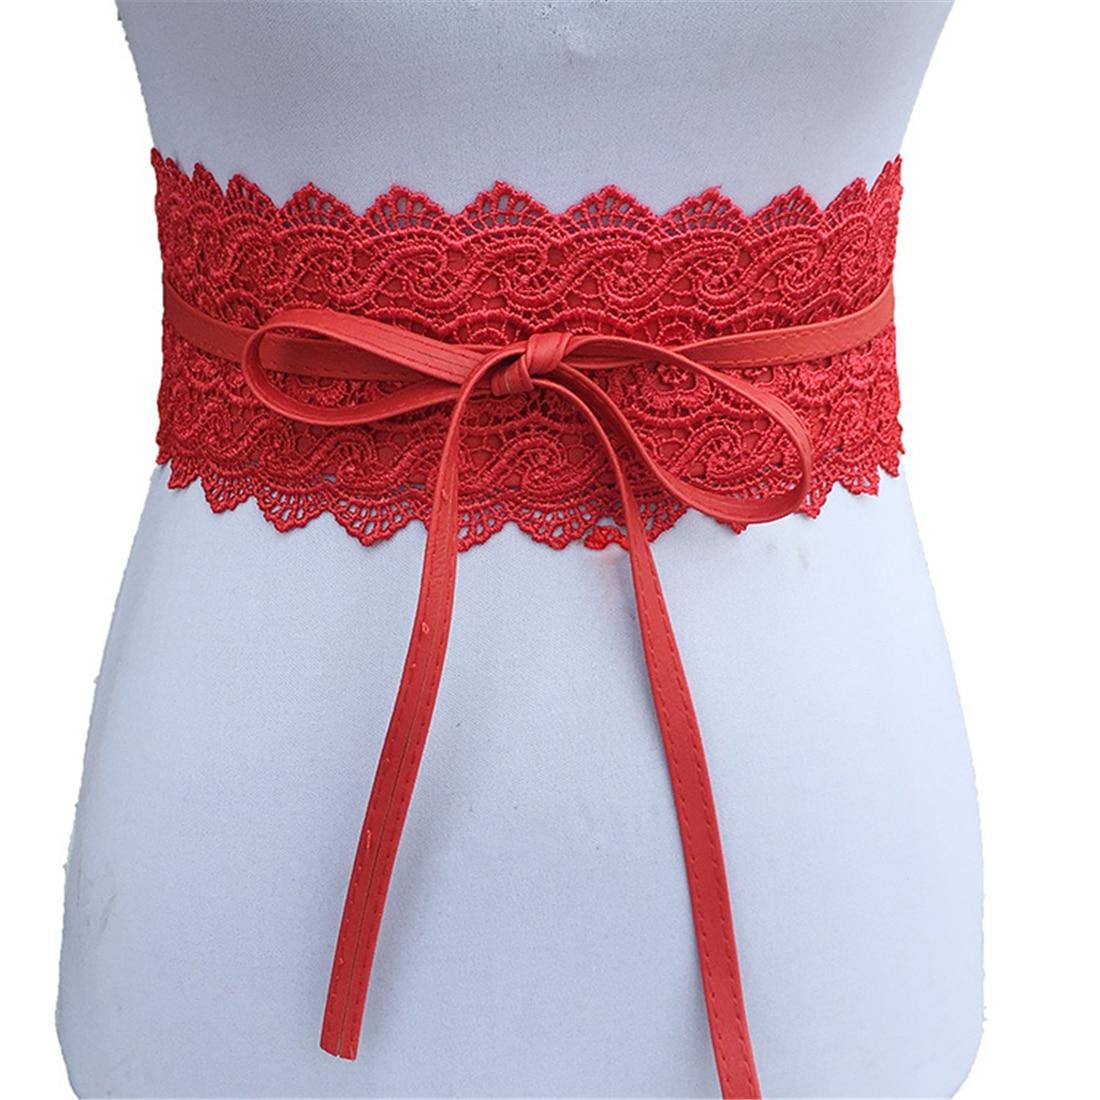 Multi-Color Sweet Women's Bowknot Faux Leather Lace Corset Belt 10cm Wide Belt Charm Party Wedding Dress Decor Girdle Waist Band